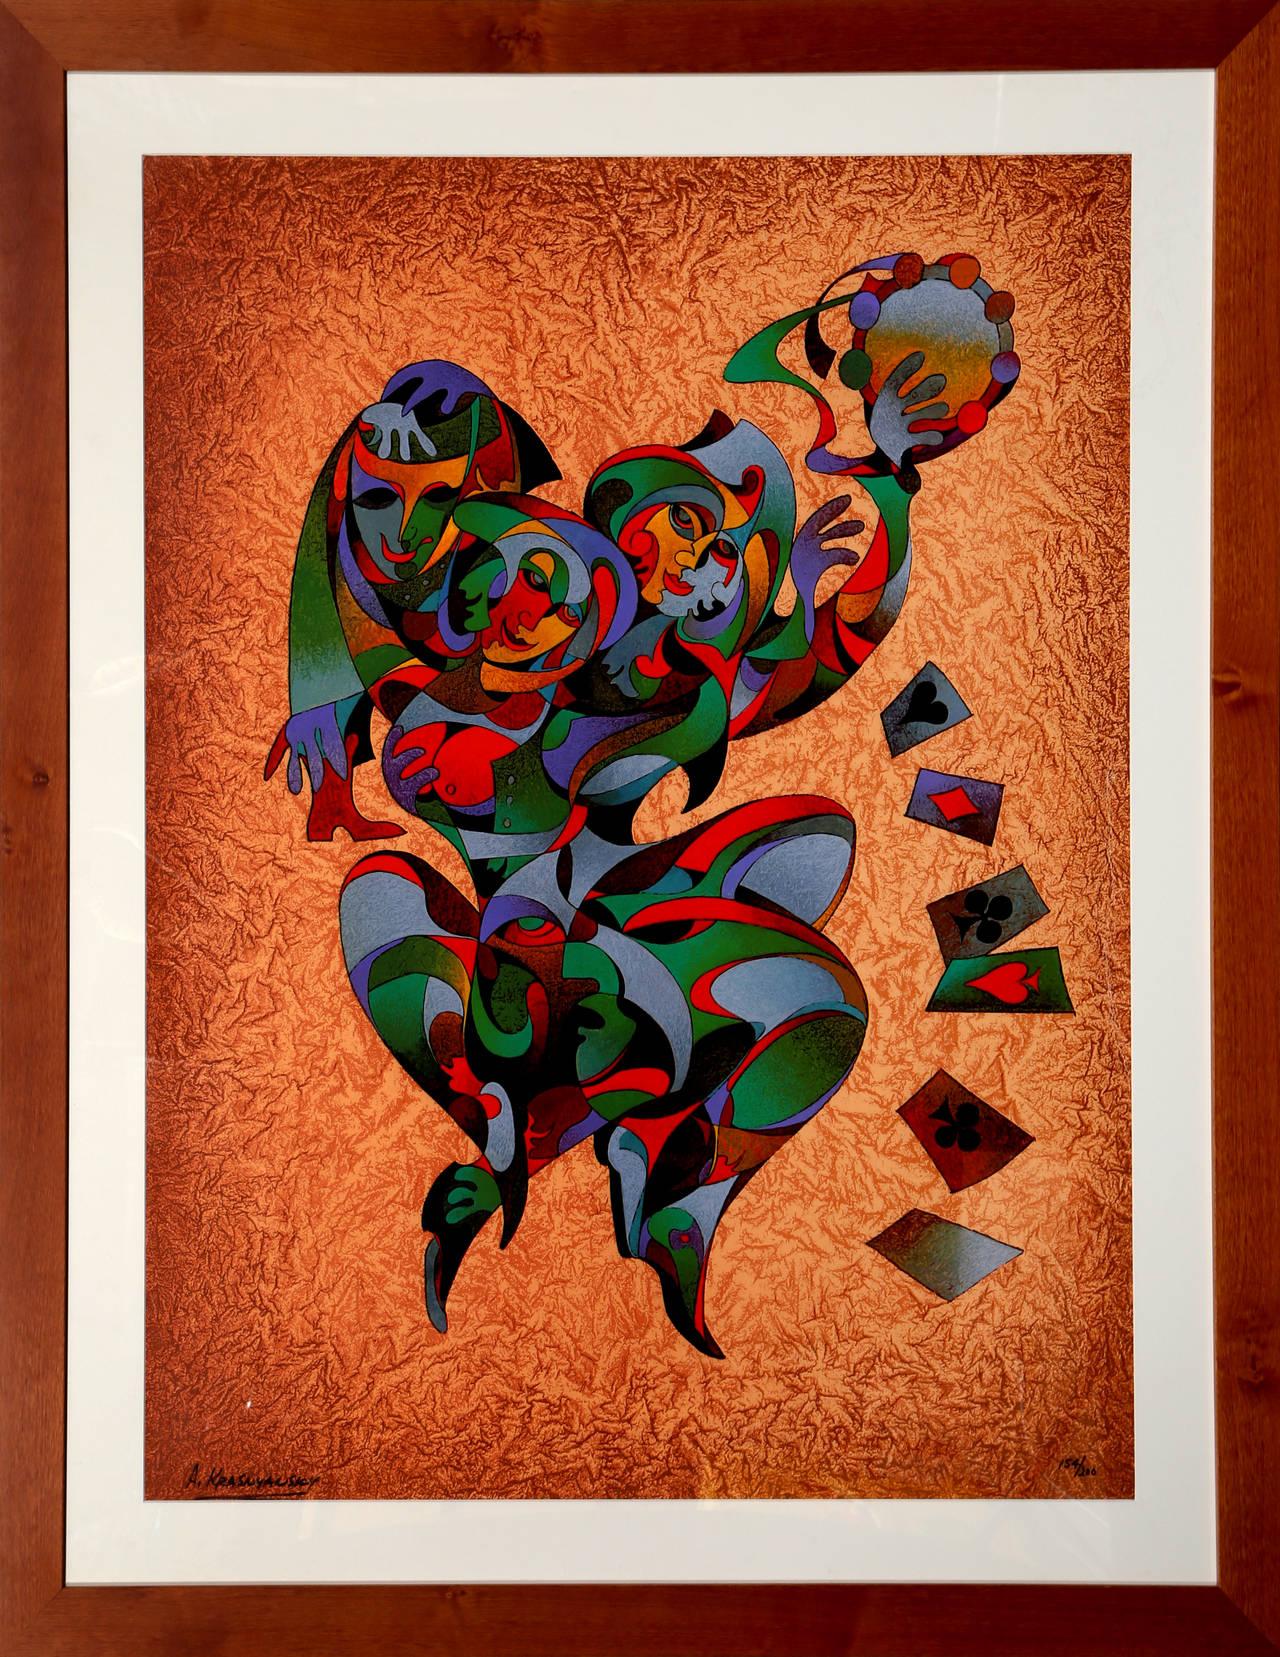 Rapture, Pop Art Serigraph by Krasnyansky